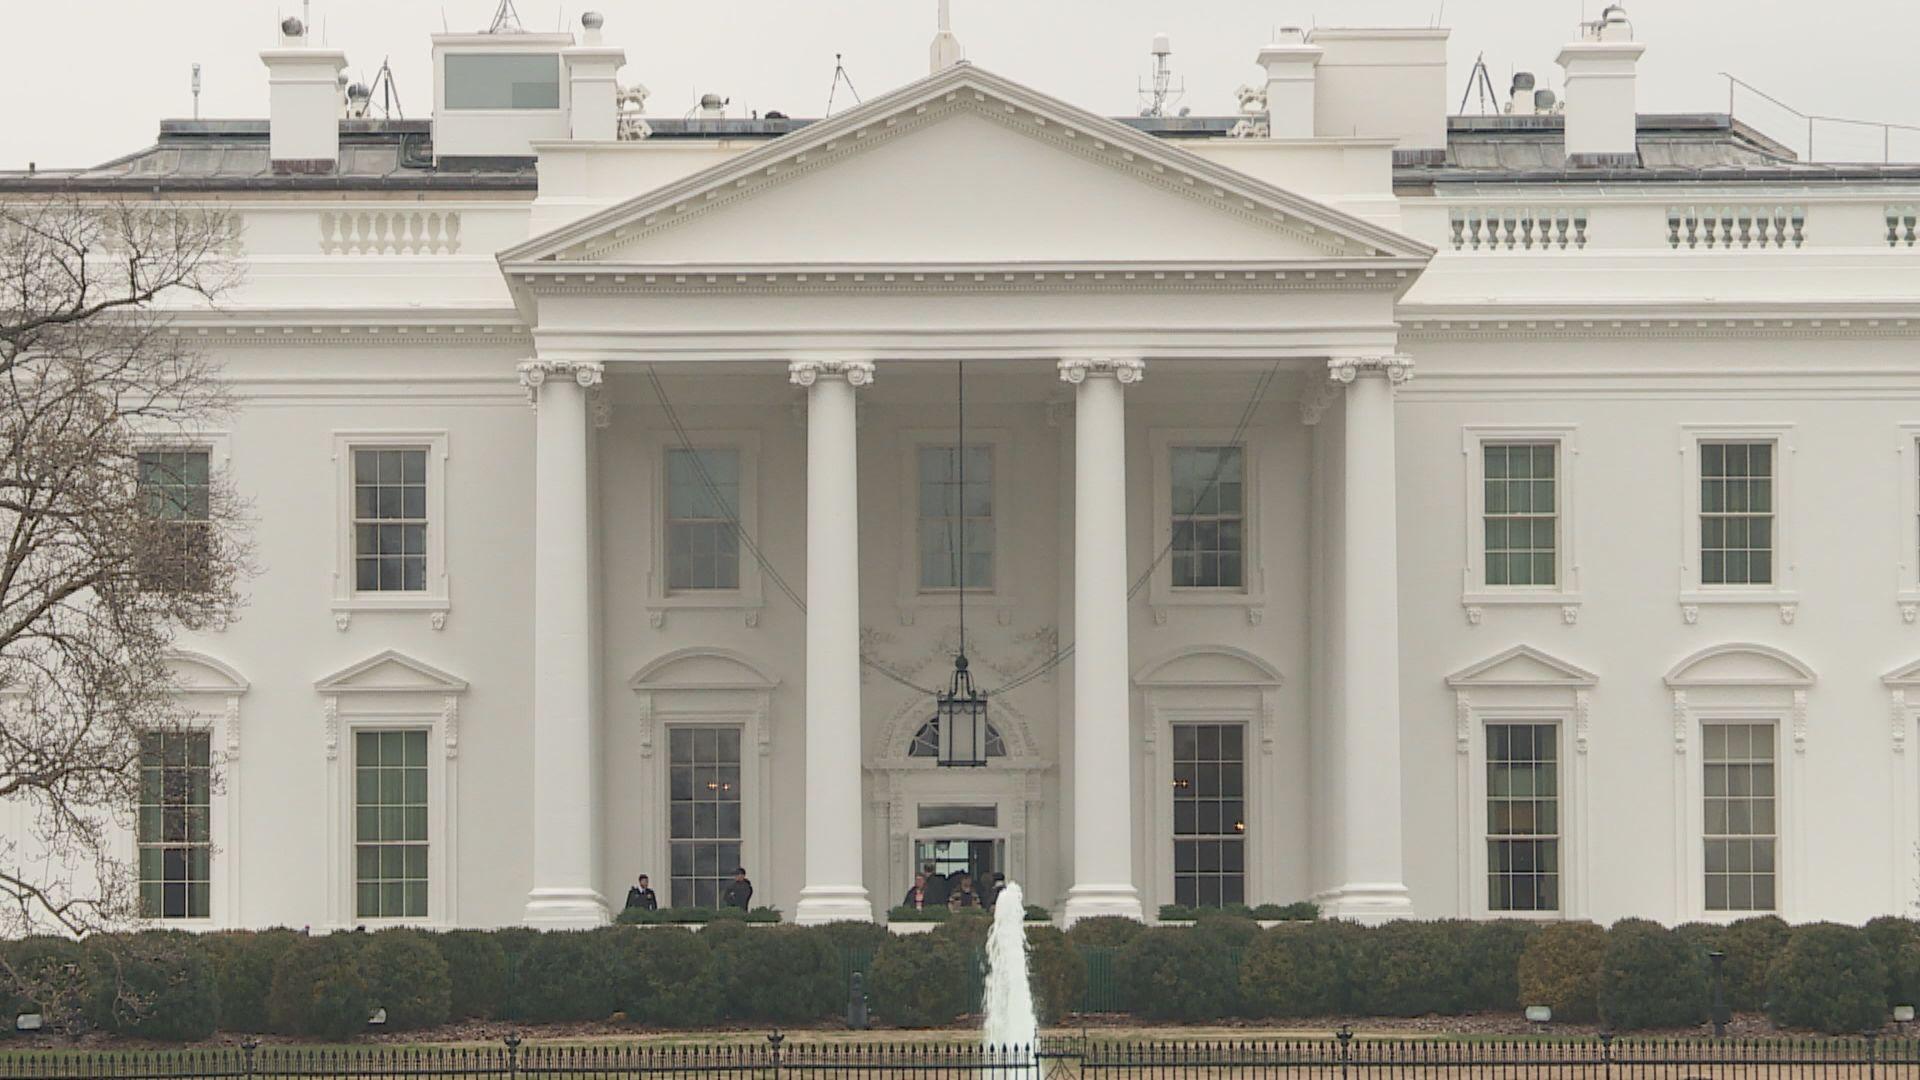 美參議院就彈劾審訊舉行宣誓儀式 下周二正式聆訊